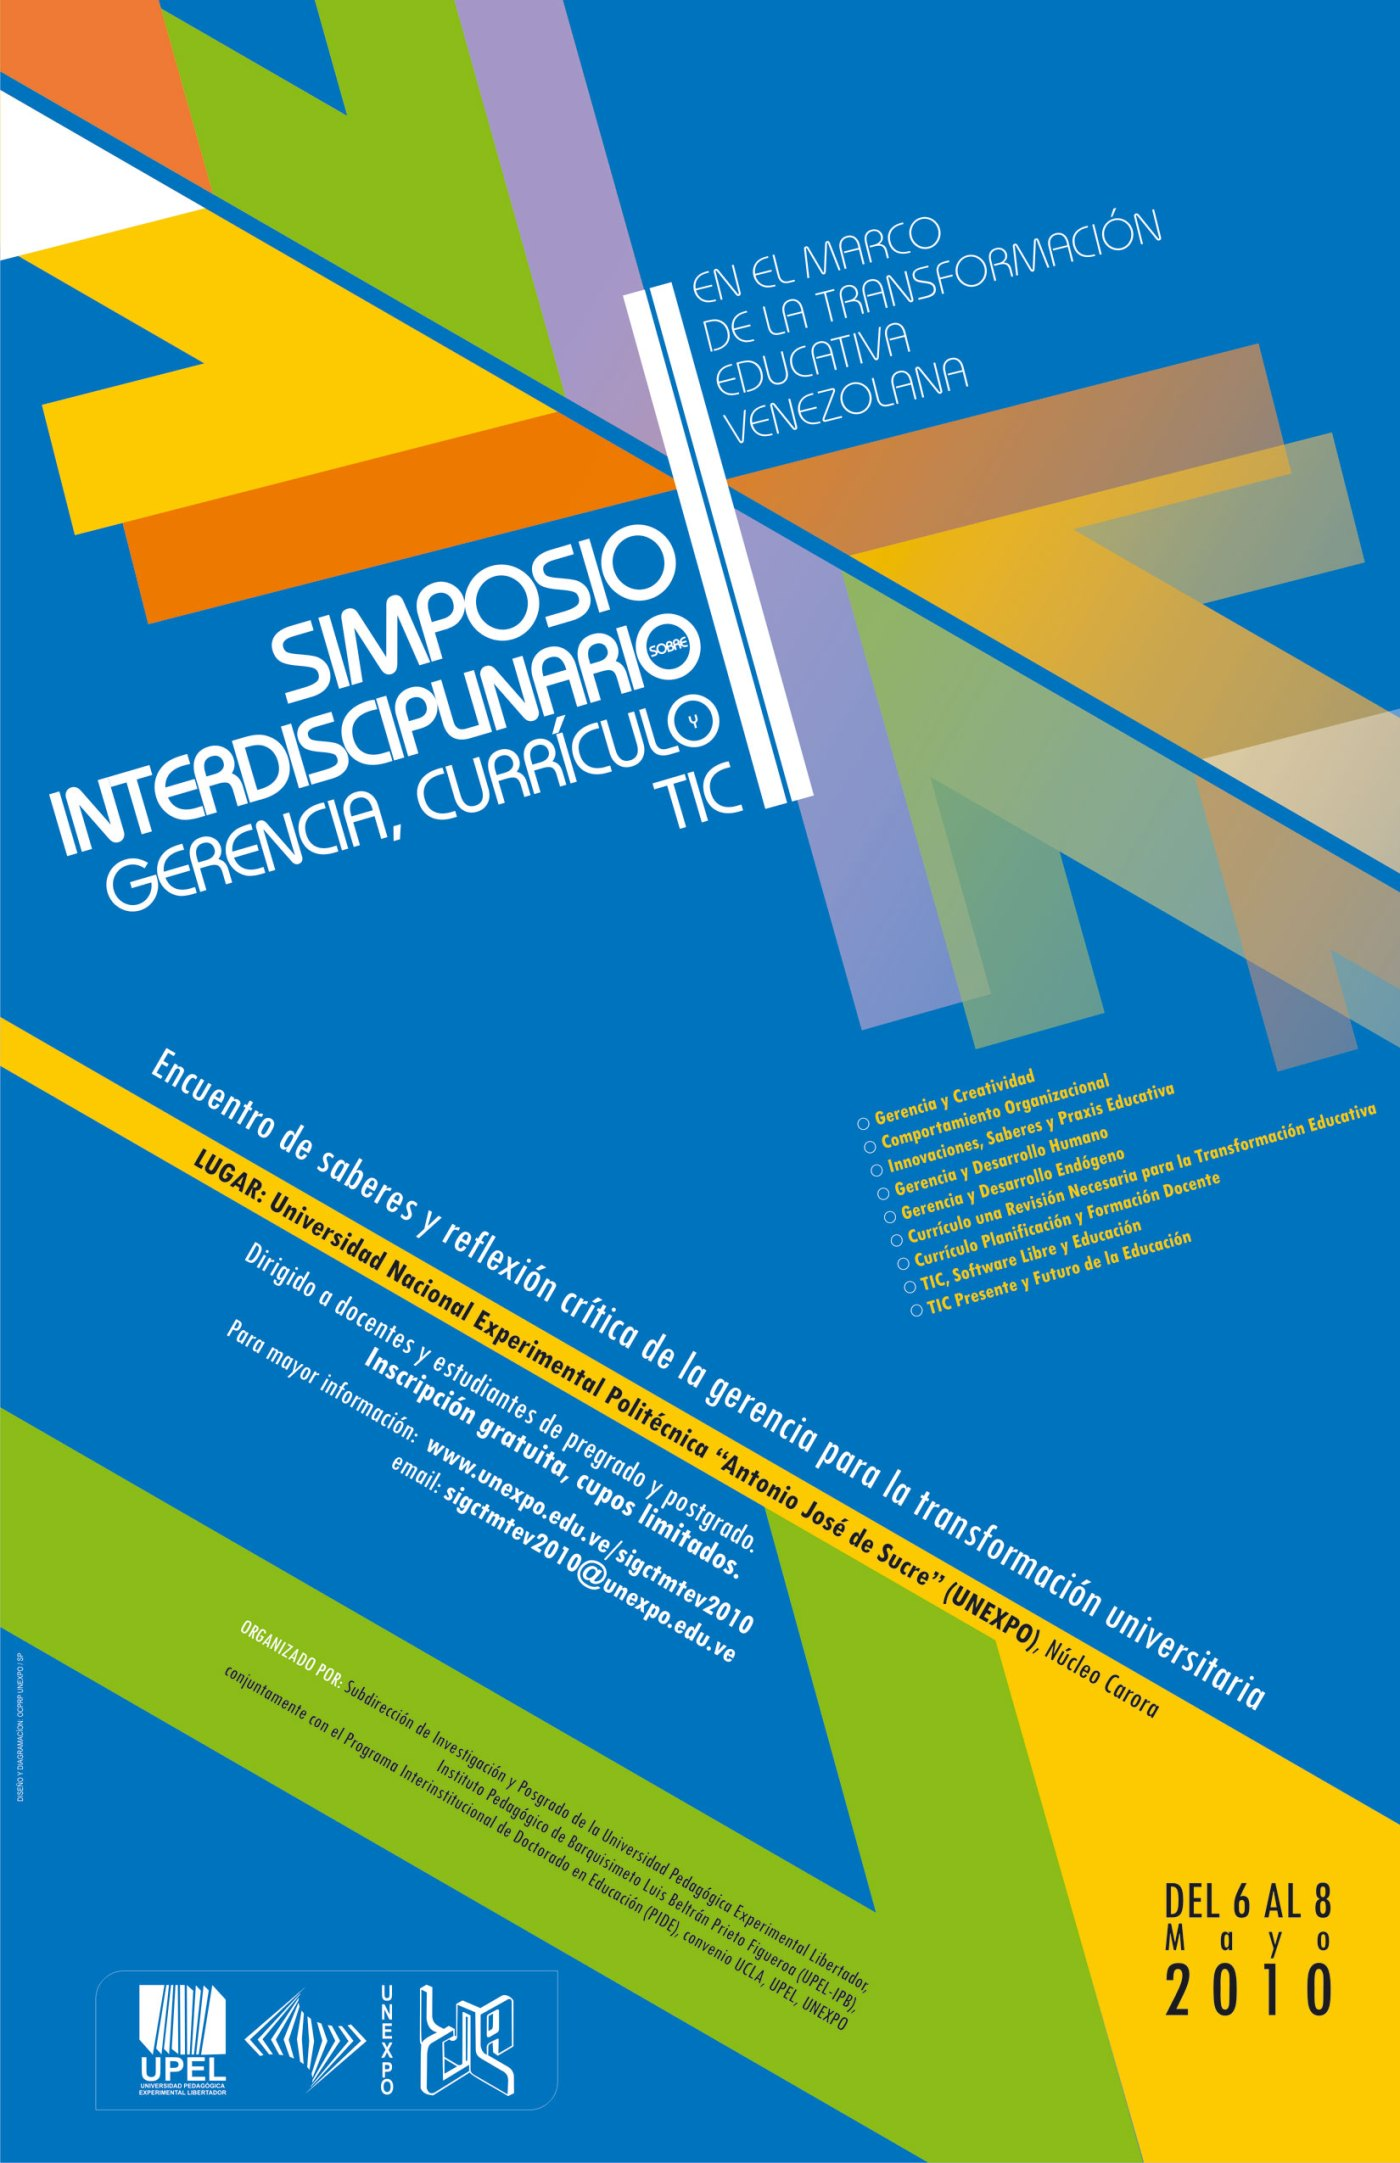 II Simposio Interdisciplinario sobre Gerencia, Currículo y TIC en el ...